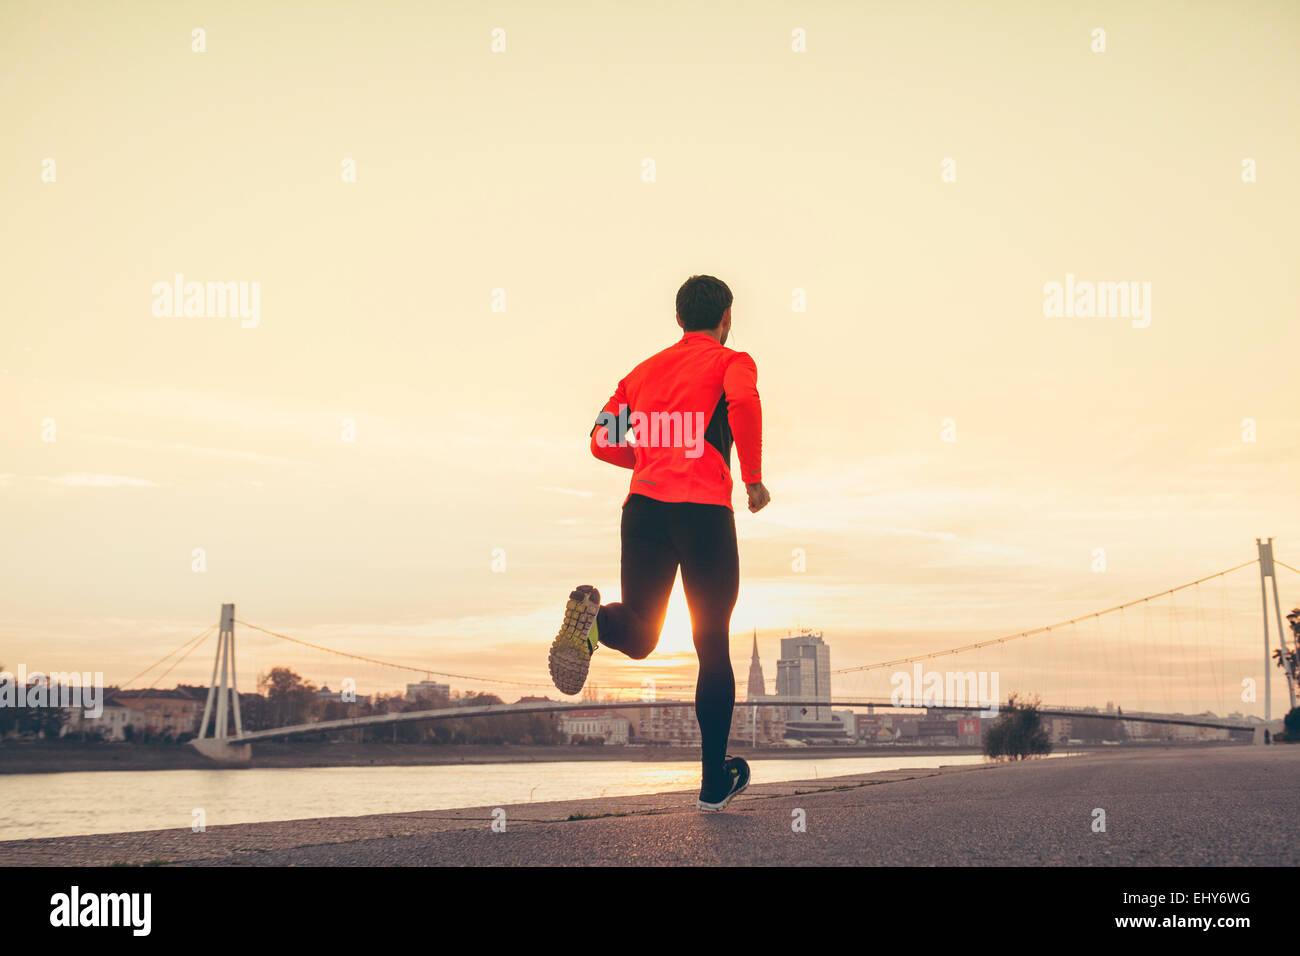 L'uomo jogging sul lungomare nei confronti dello skyline della città Immagini Stock